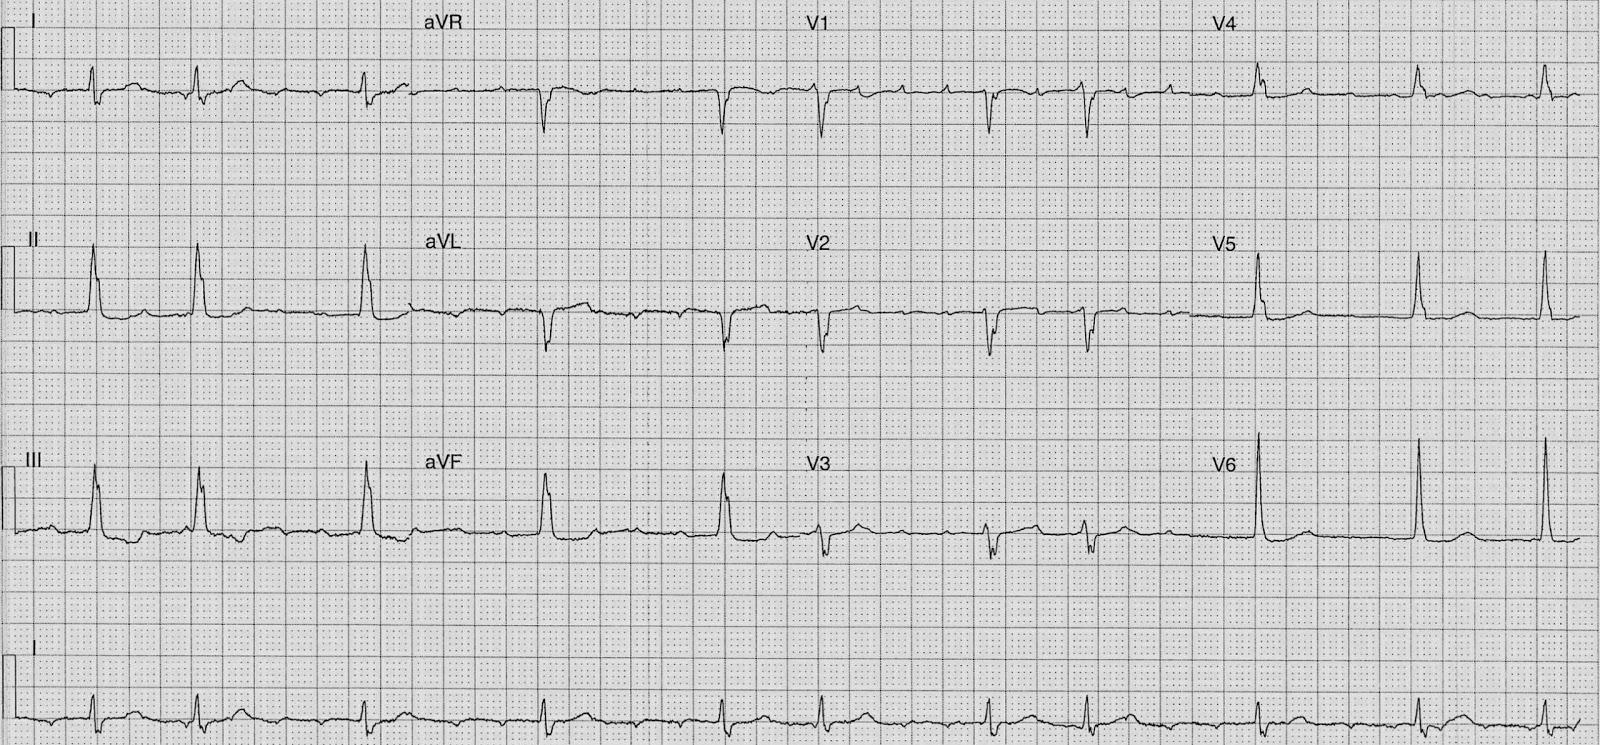 Atrial Fibrillation Rhythm Control